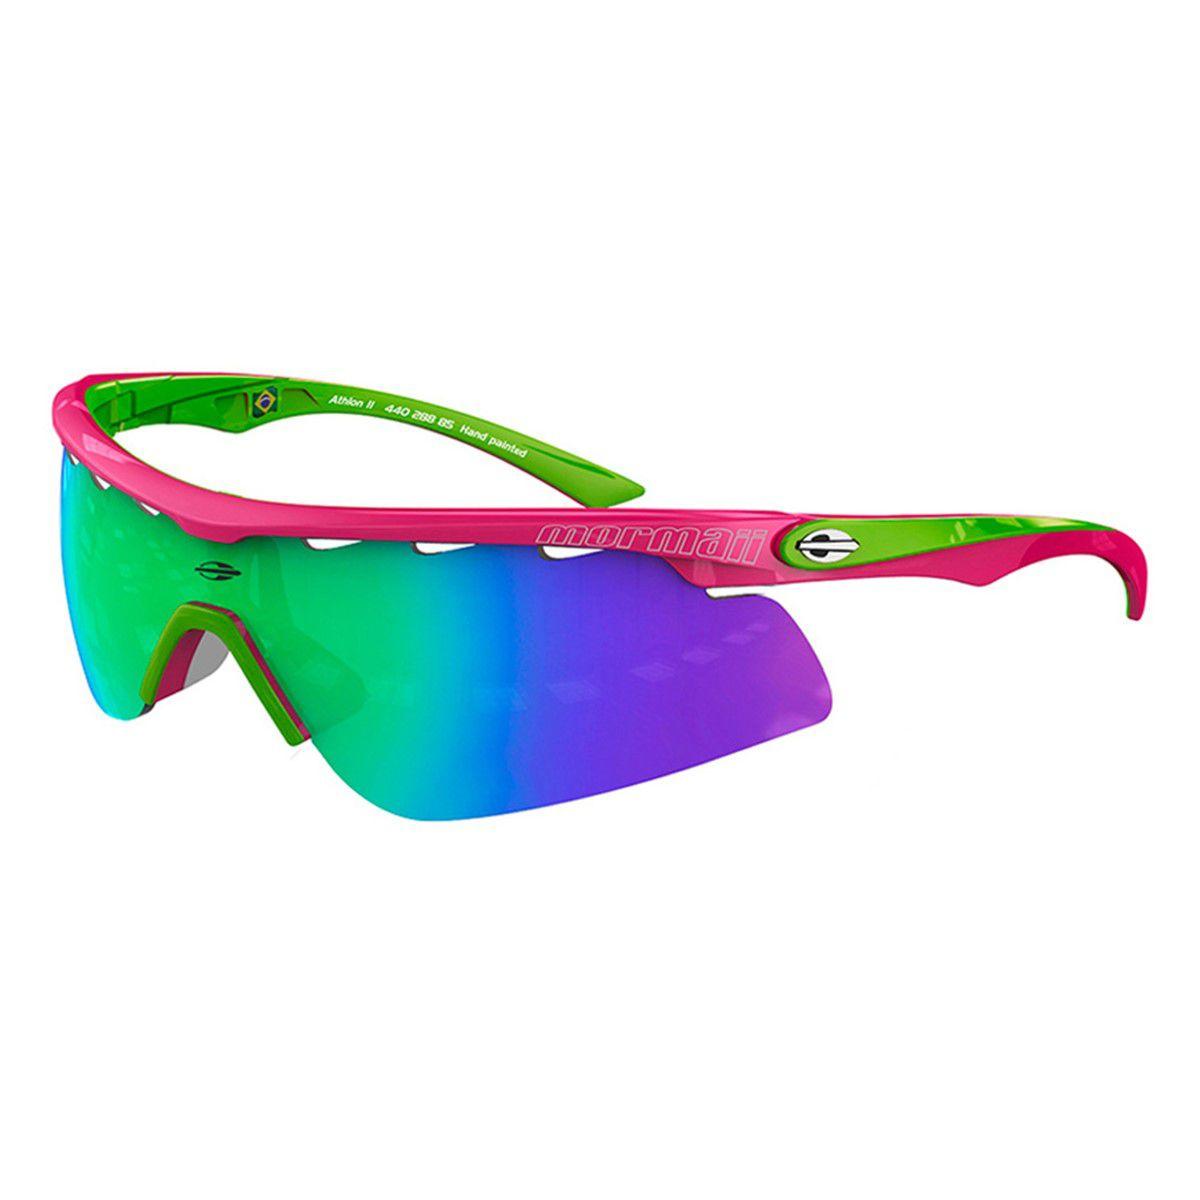 Óculos de Sol Mormaii Athlon 2 Pink